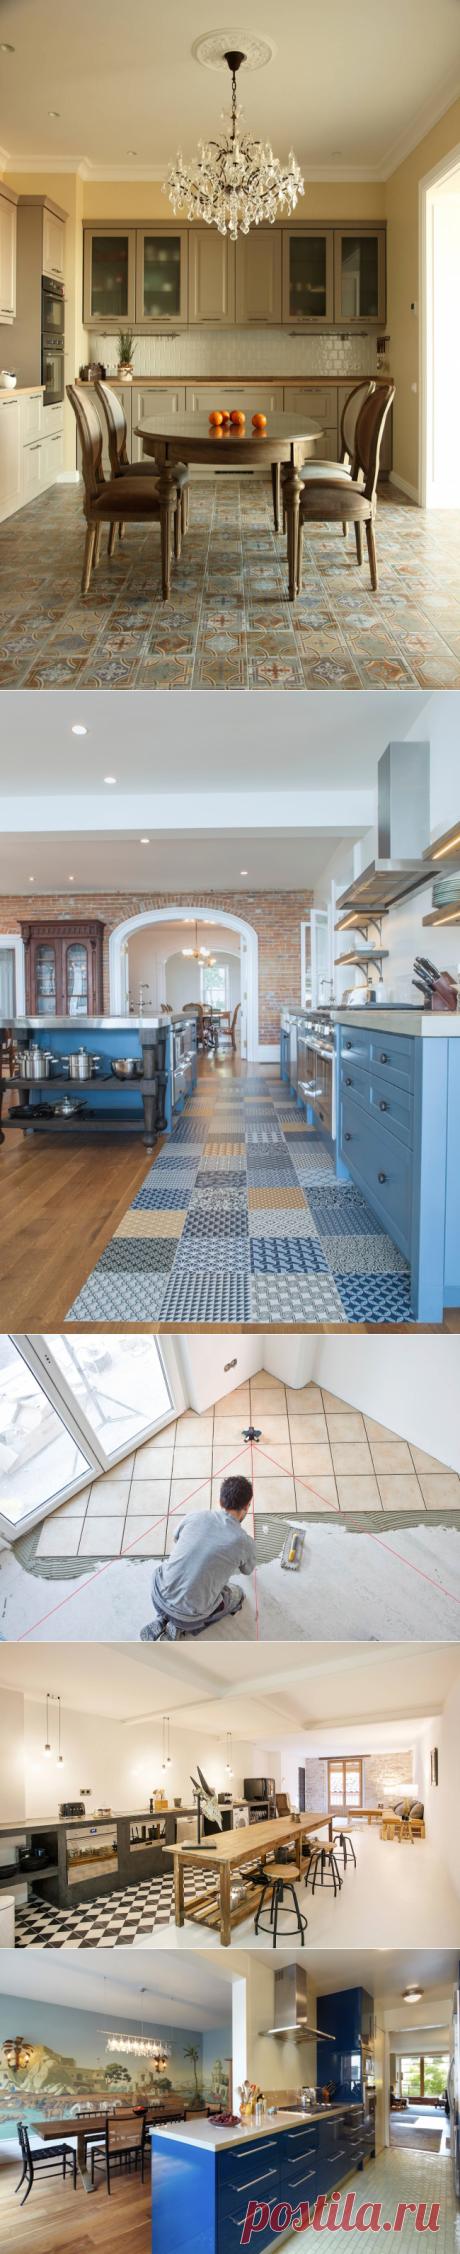 Выбор плитки для кухонного пола | Роскошь и уют